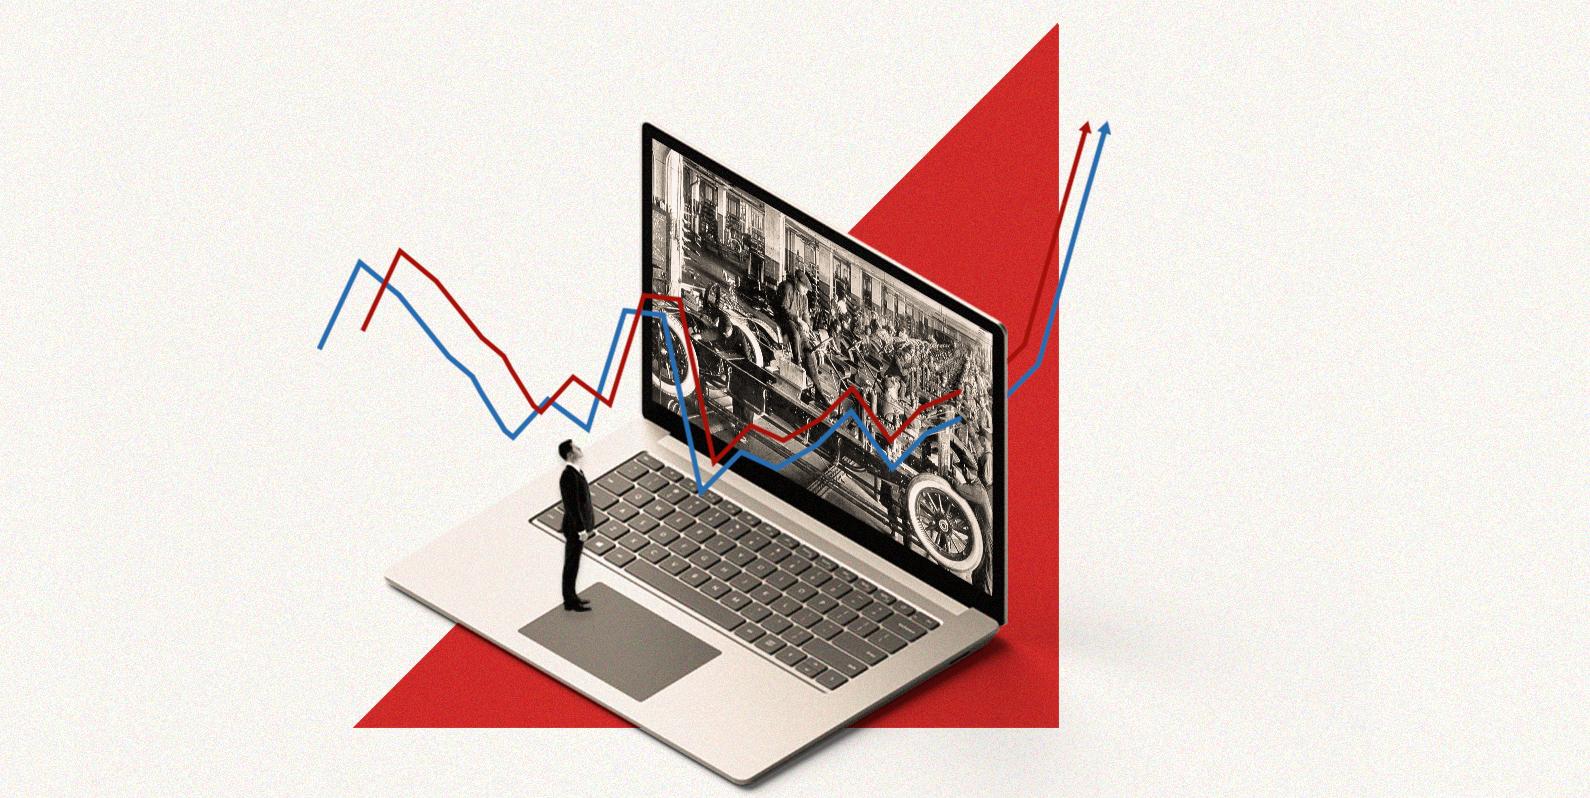 Tecnologia como meio para o aumento da produtividade